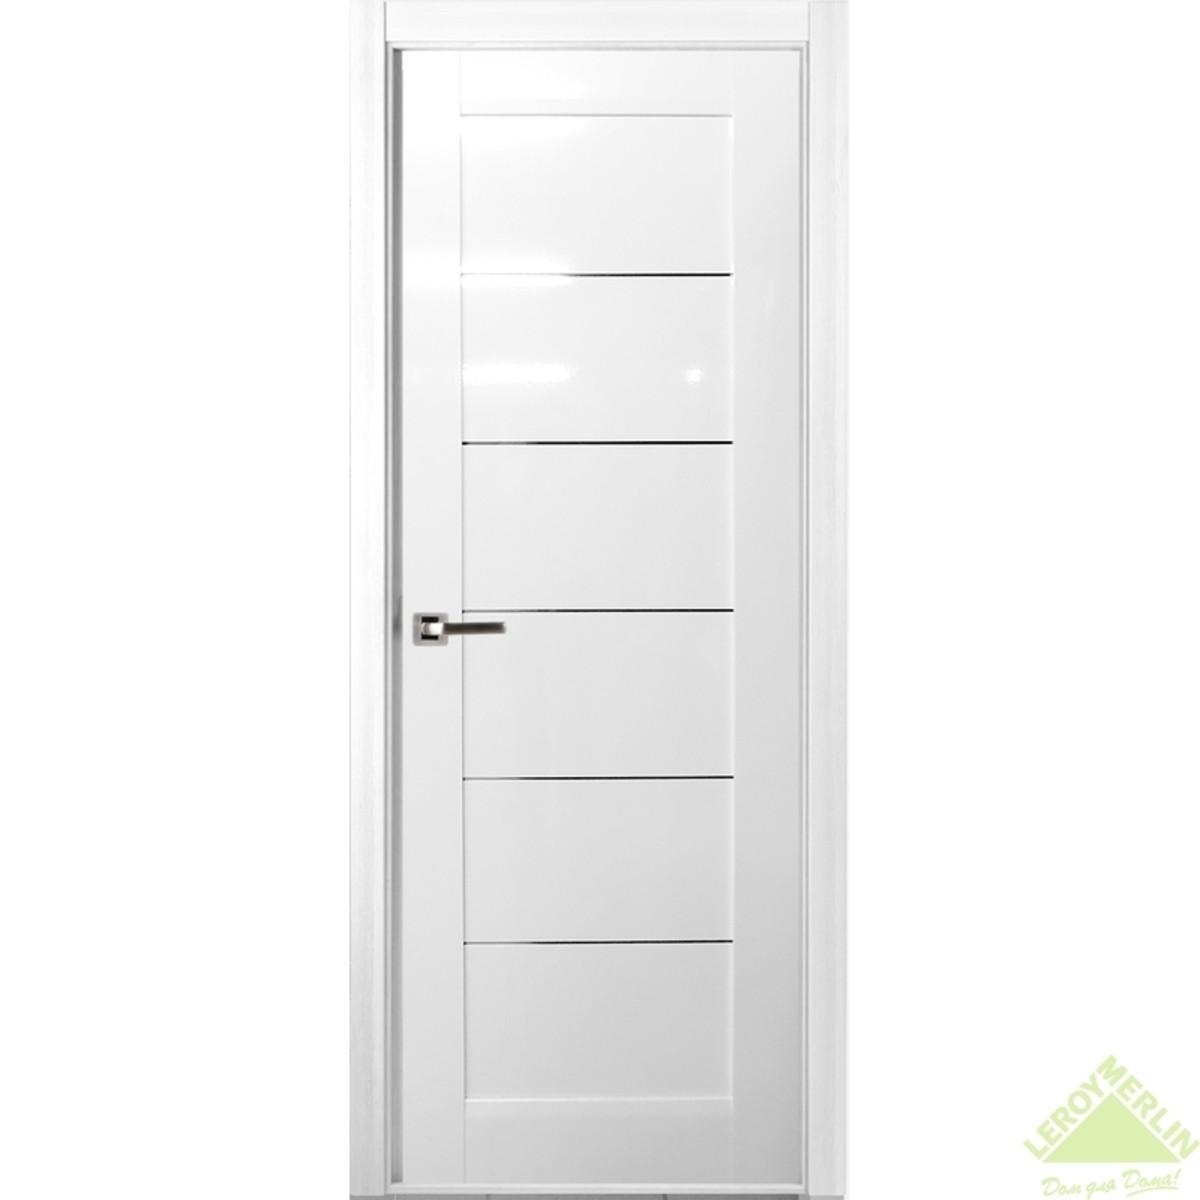 Дверь Межкомнатная Глухая Мирелла 700x2000 Искусственный Шпон Белый Глянец